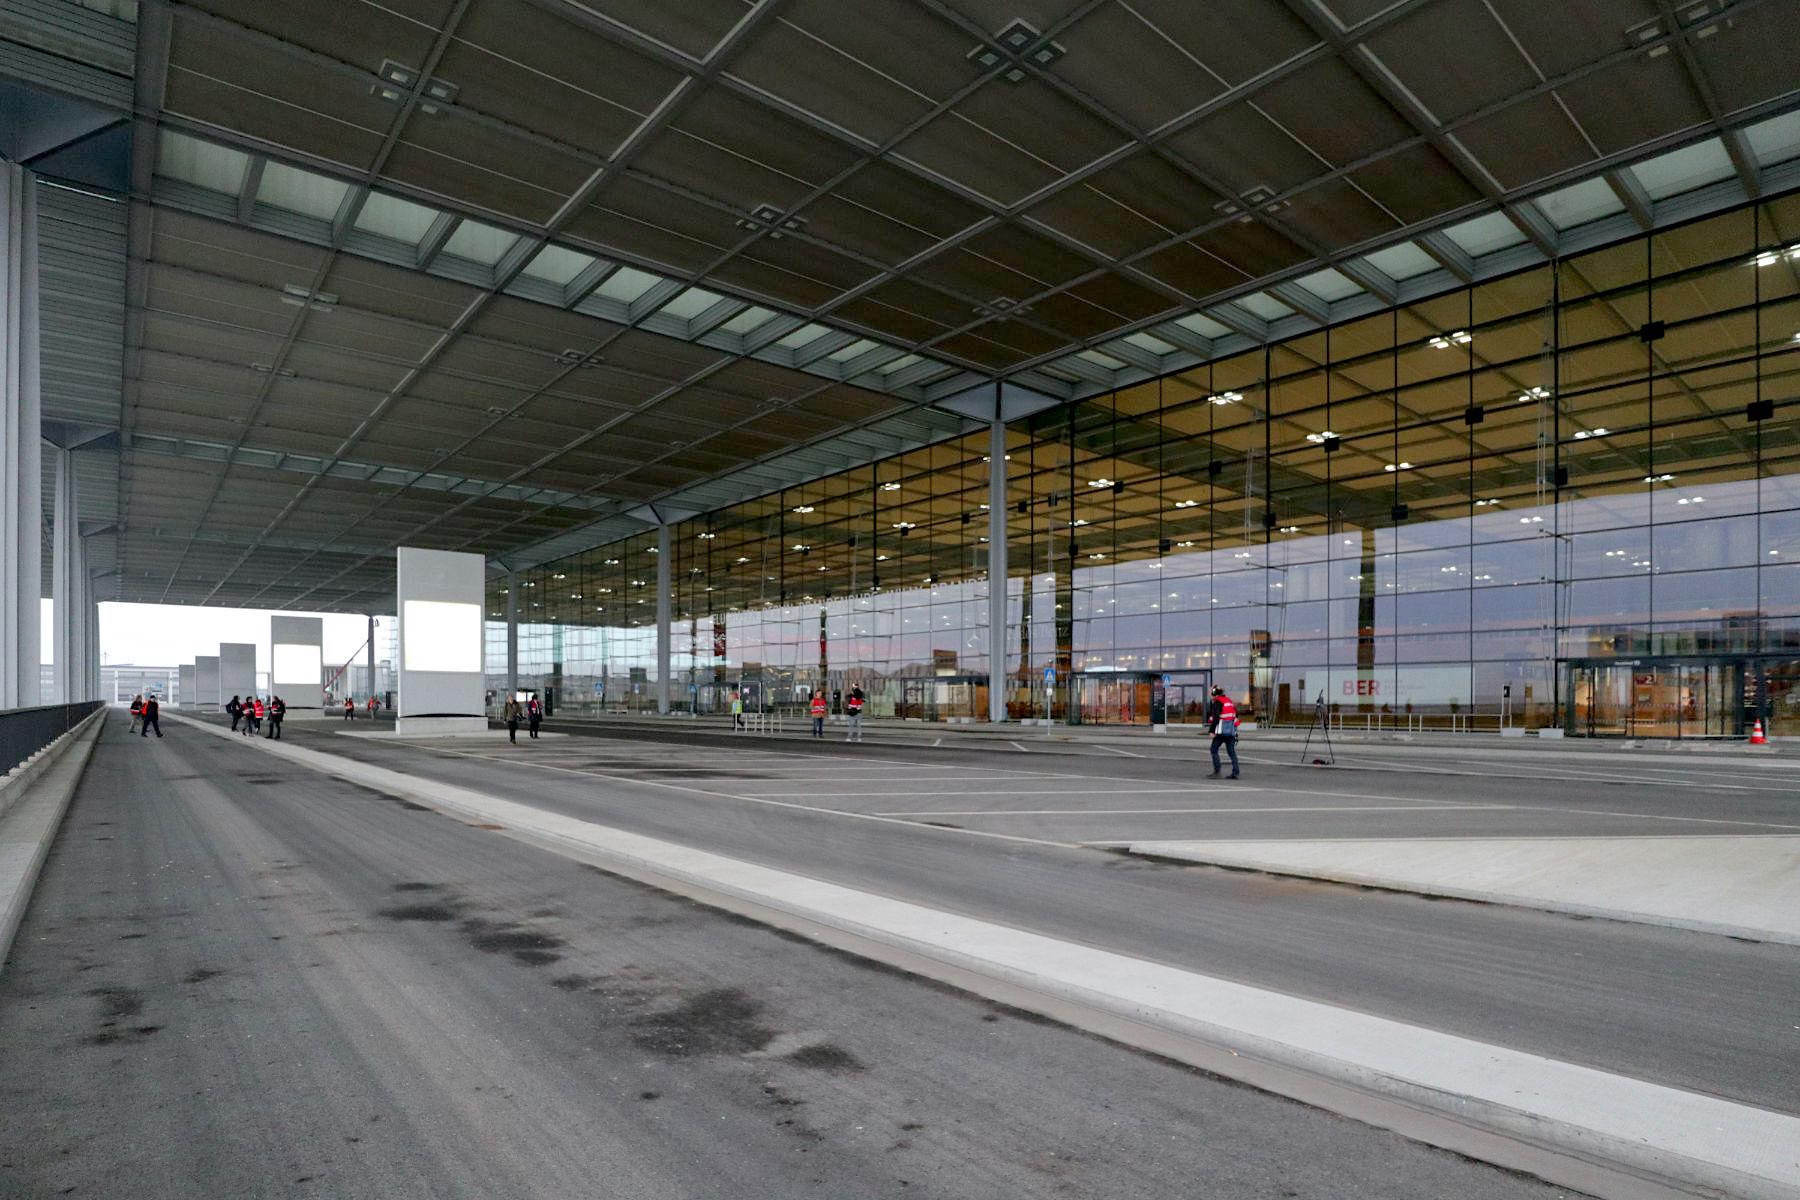 Flughafen Berlin Brandenburg BER. Der neue Flughafen besteht aus dem Fluggastterminal und der Airport City als Zentrum des parallelen Start- und Landebahnsystems. Alle Elemente nehmen die Achsen der Gesamtanlage auf und bilden eine architektonisch-funktionale Einheit.